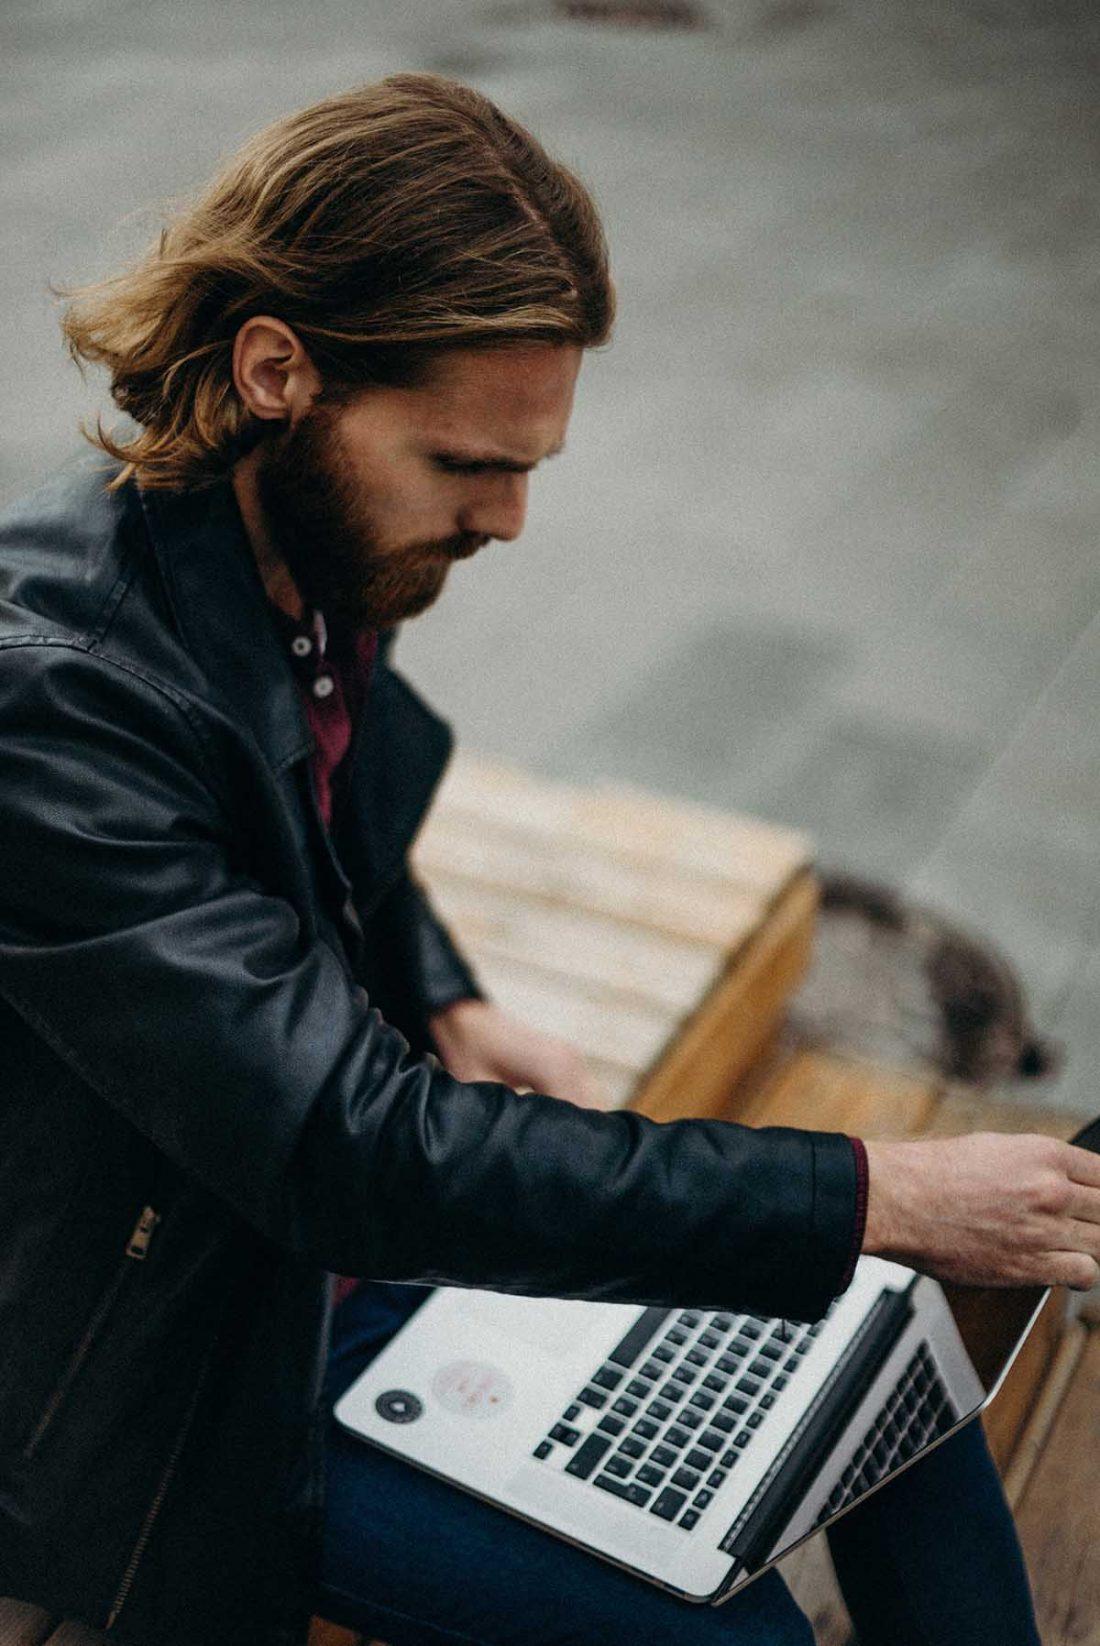 freelance-digital-nomad-freelancerspot